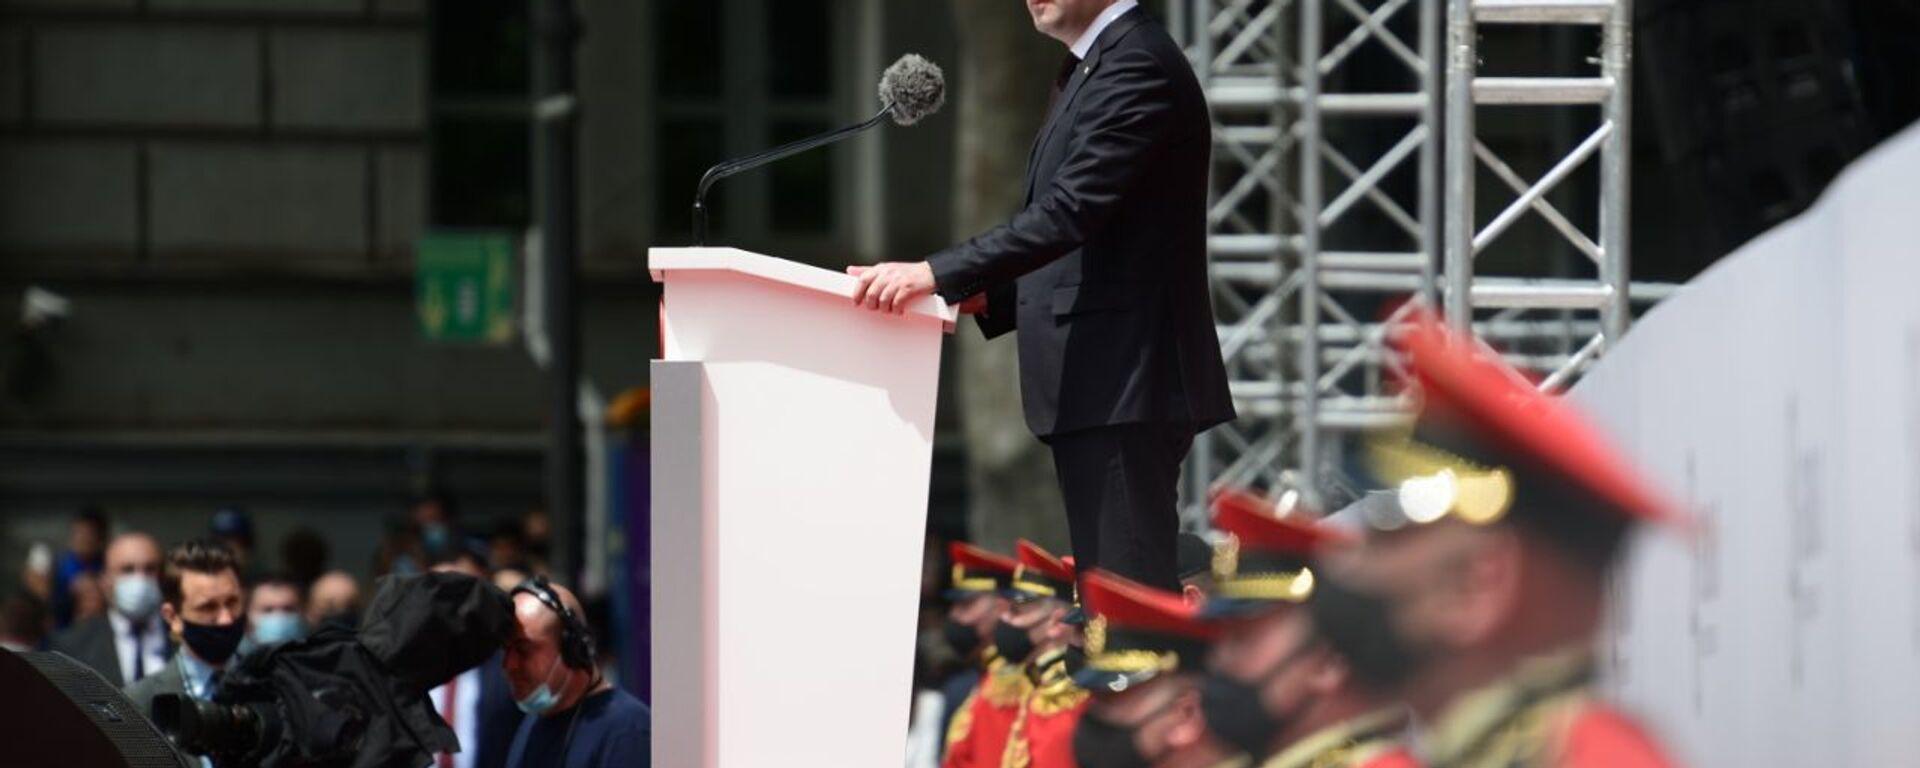 Ираклий Гарибашвили. Празднование Дня Независимости Грузии 26 мая 2021 года - Sputnik Грузия, 1920, 25.06.2021